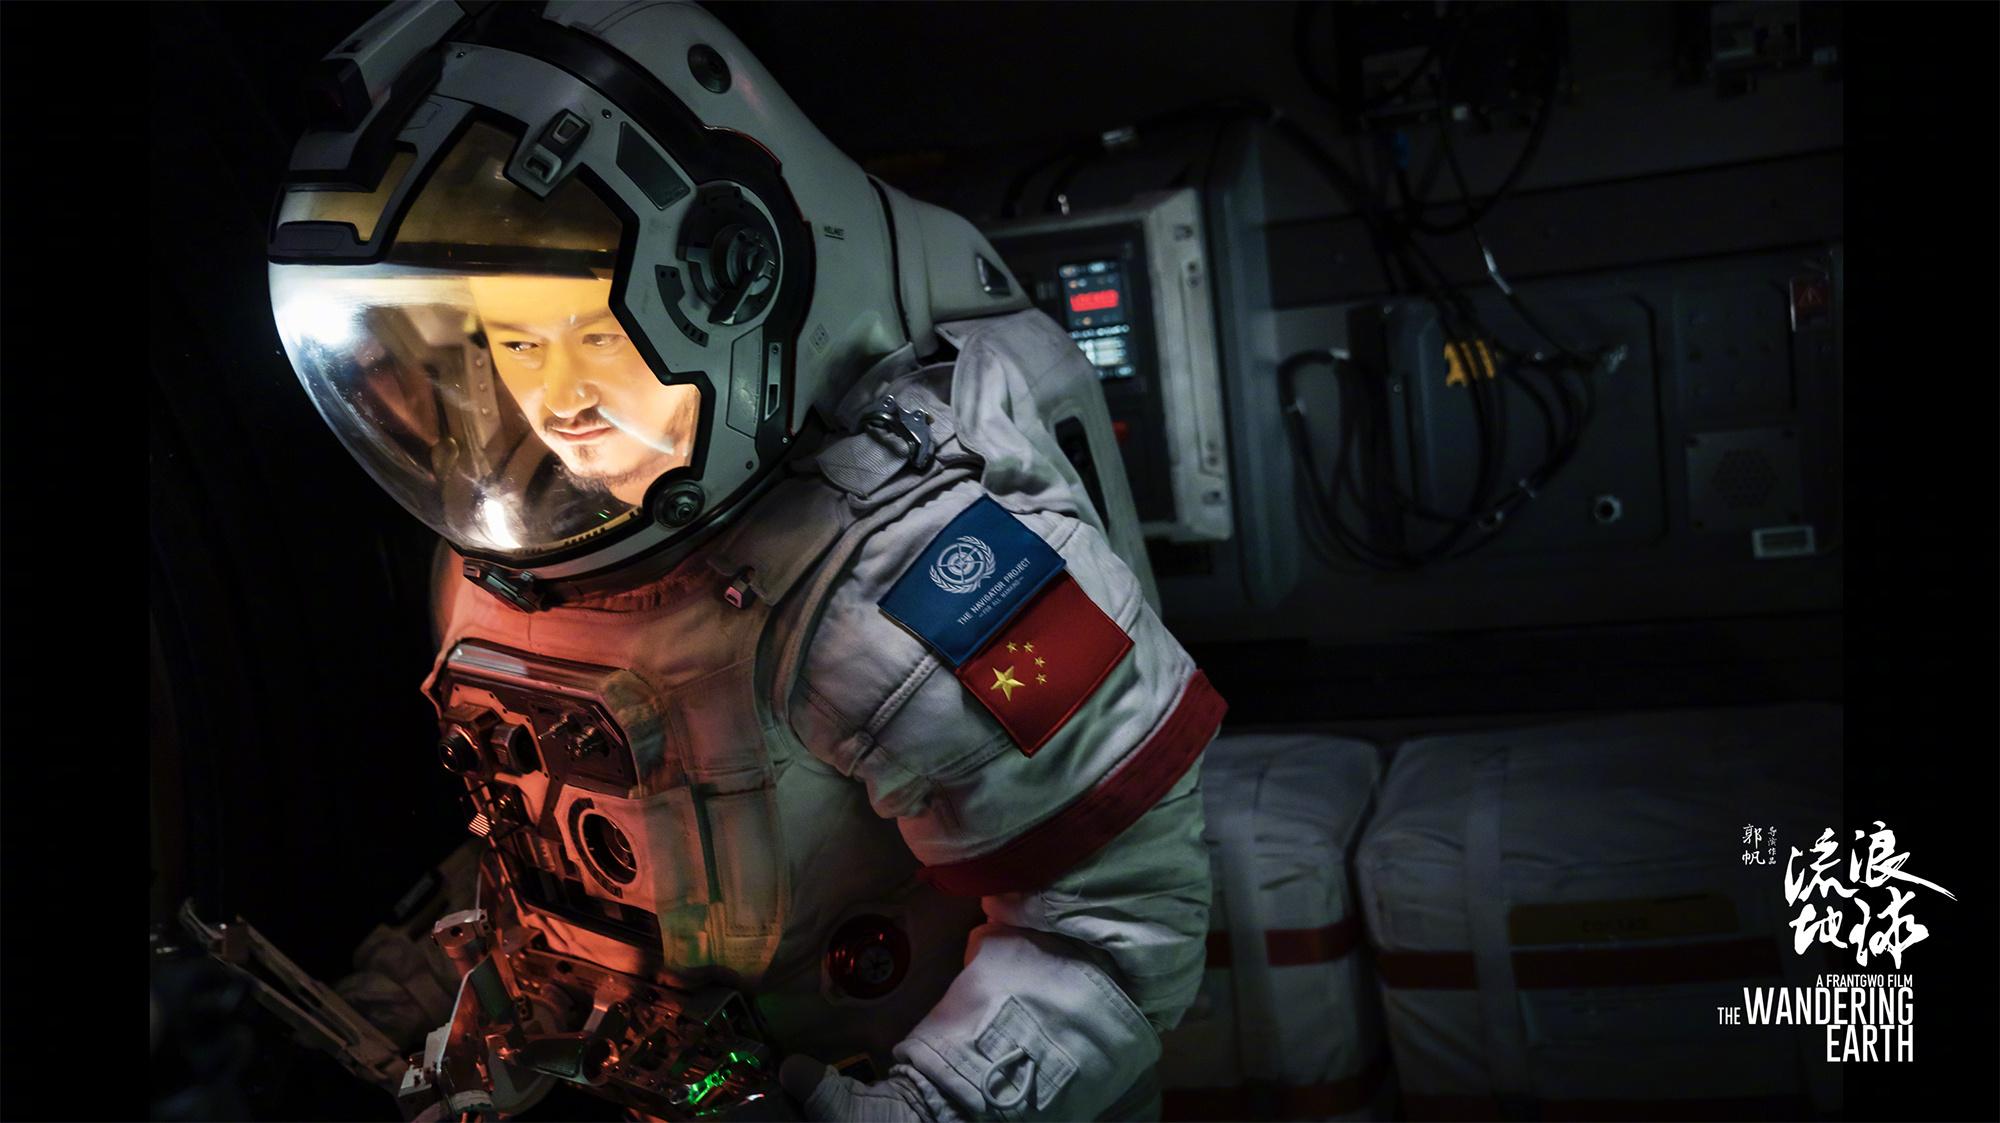 郭帆透露正打造《流浪地球2》 预计起码需要四年|郭帆|流浪地球